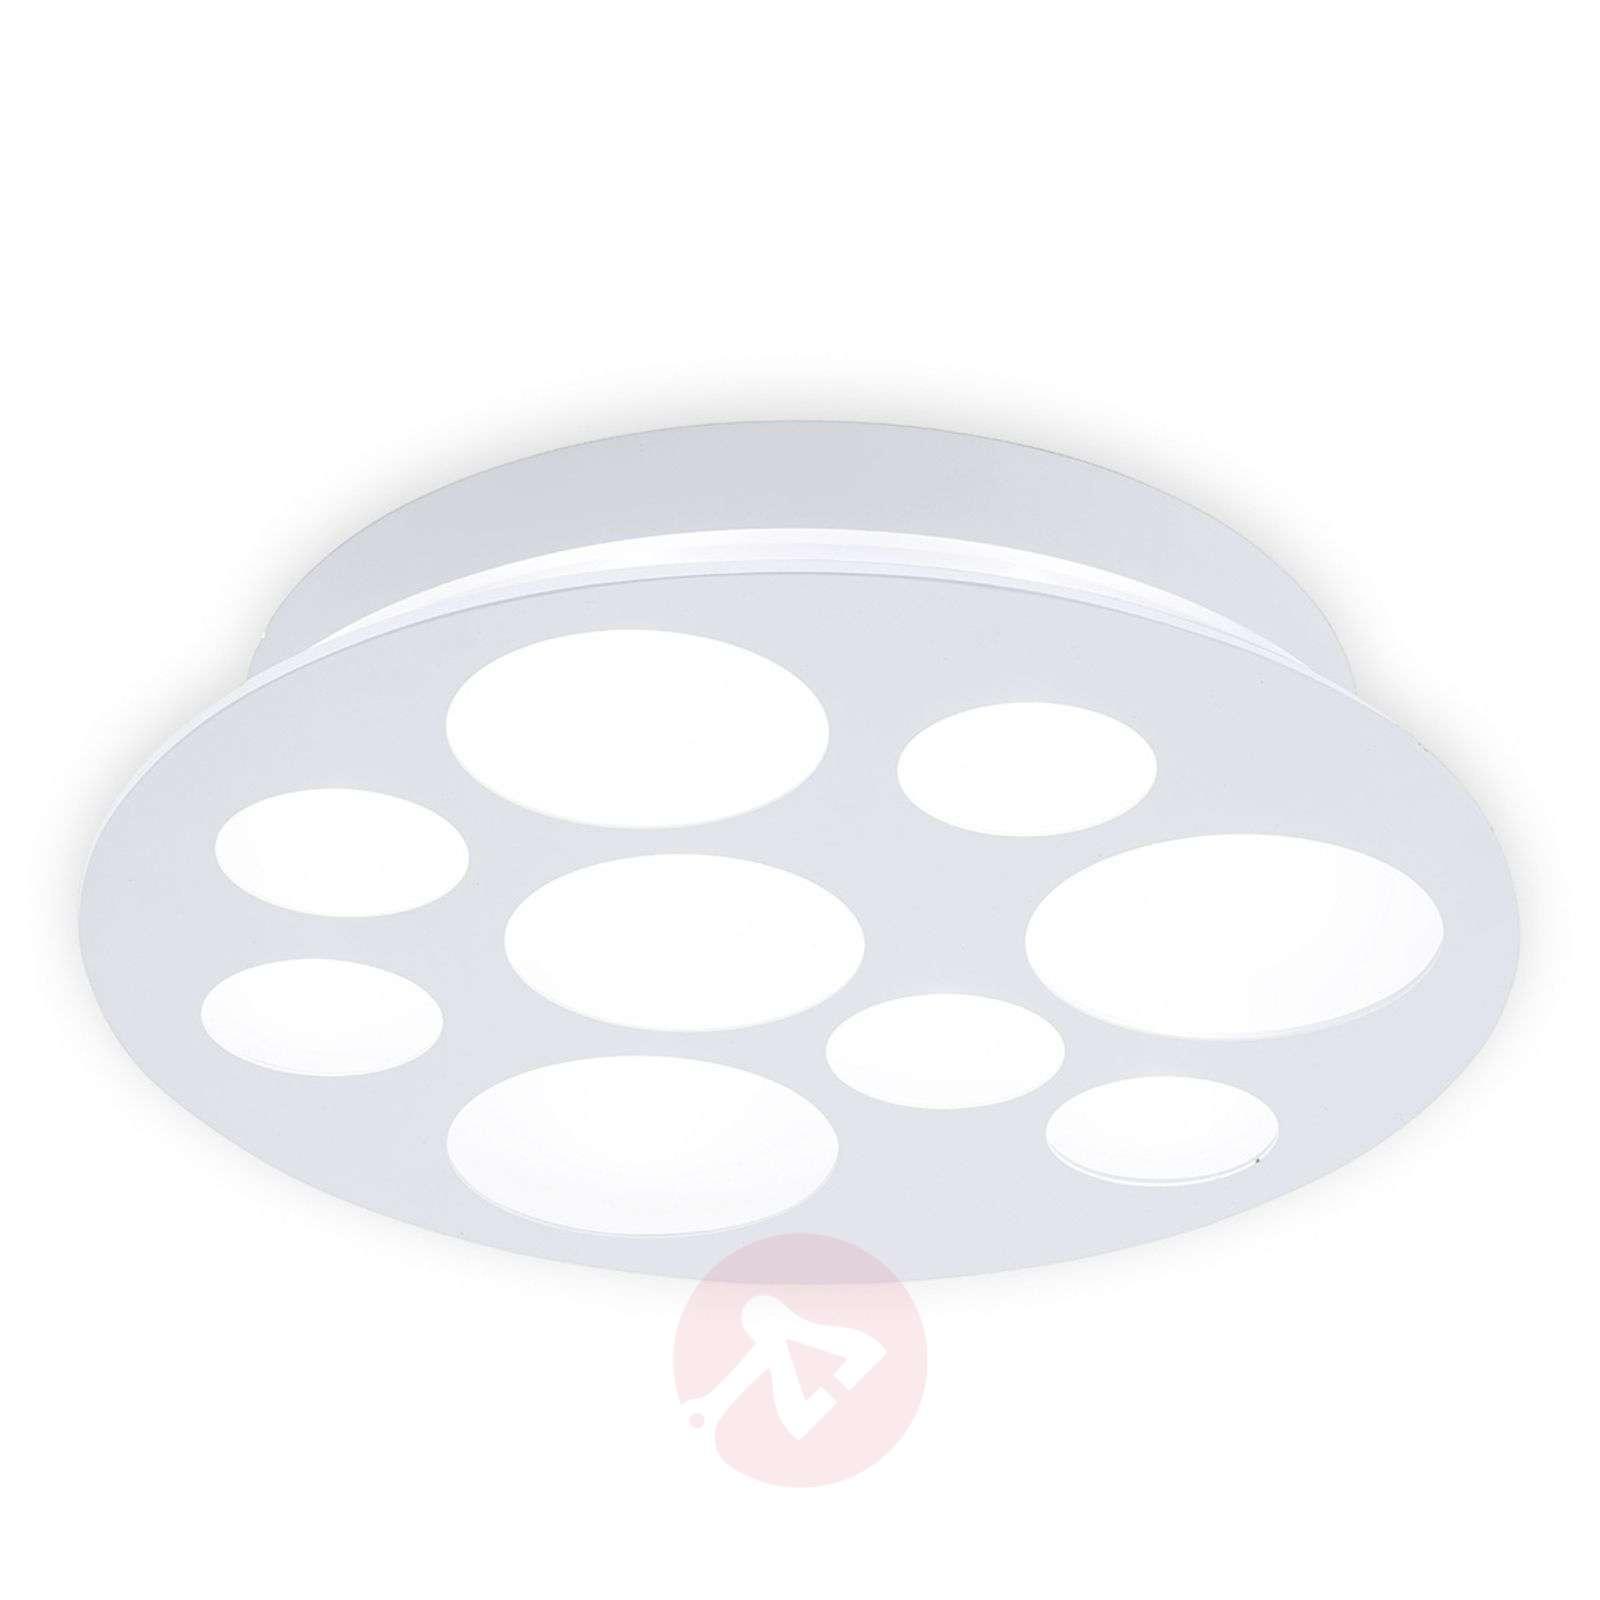 Pernato – pyöreä, valkoinen led-kattovalaisin-3031759-01